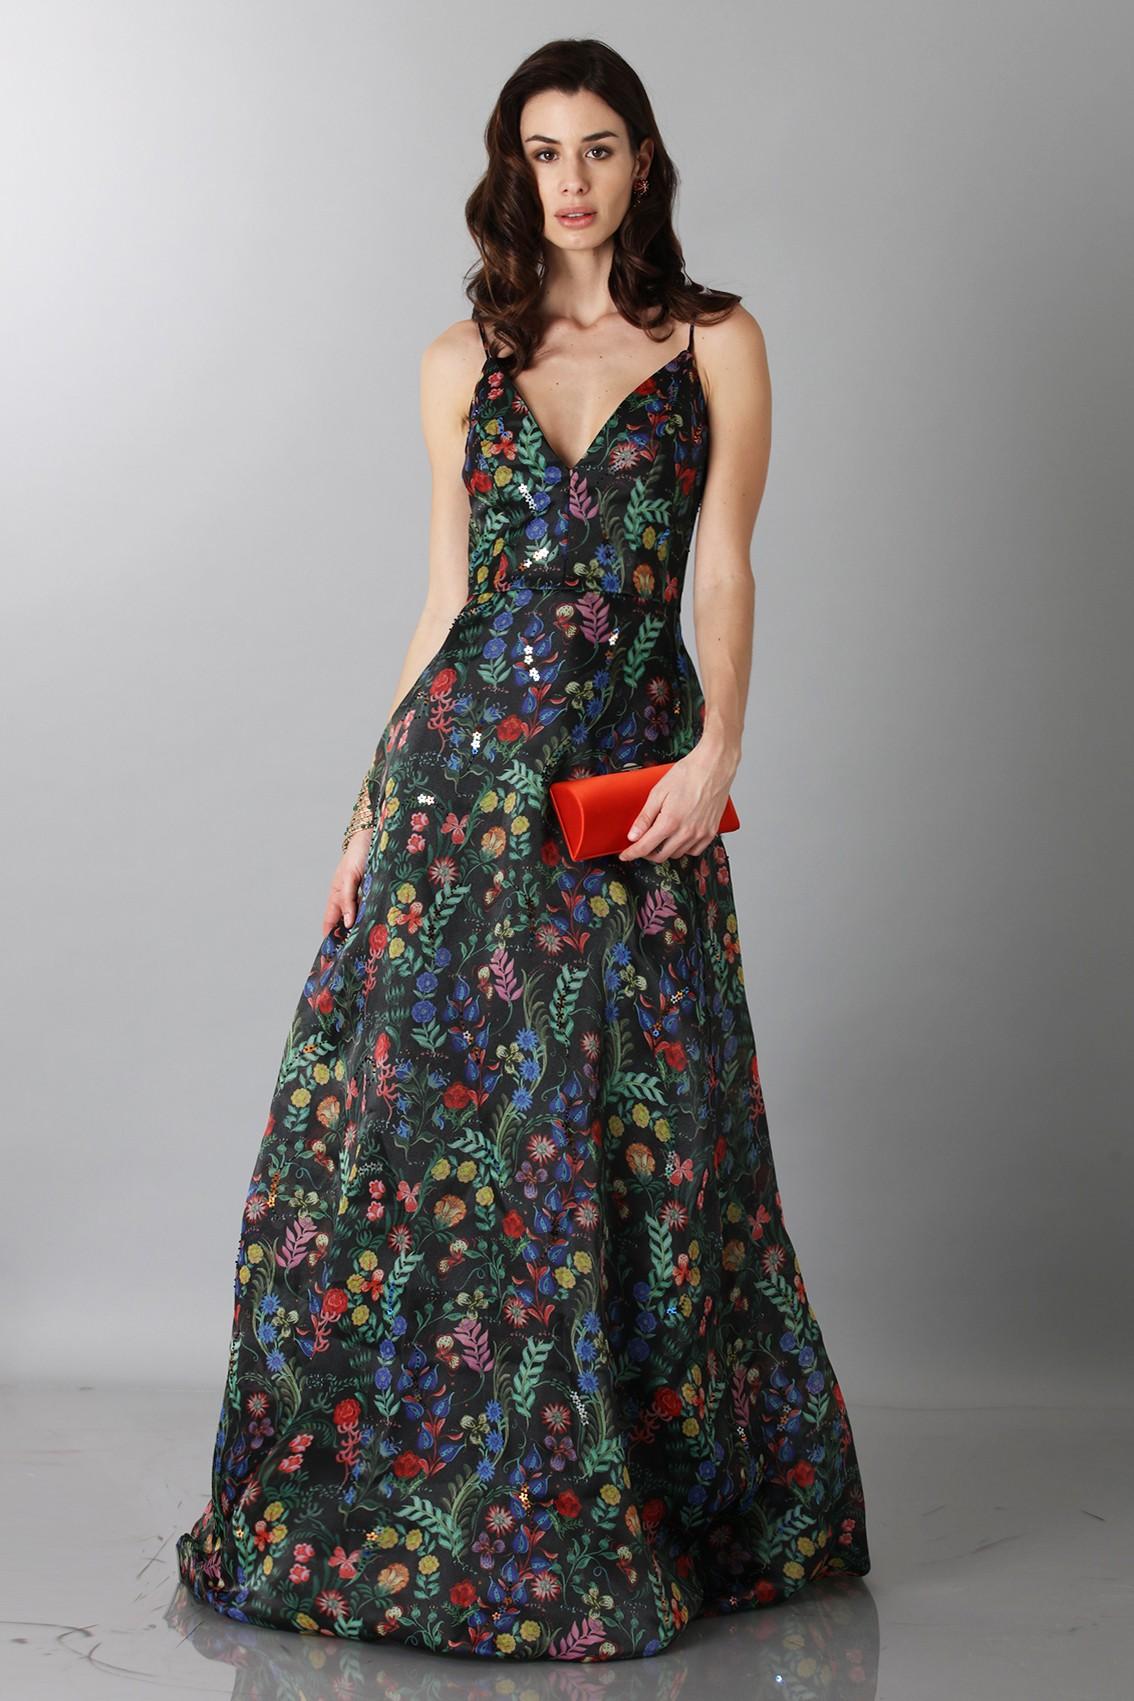 new concept ede64 114a3 Abiti da sposa fantasia floreale – Vestiti da cerimonia